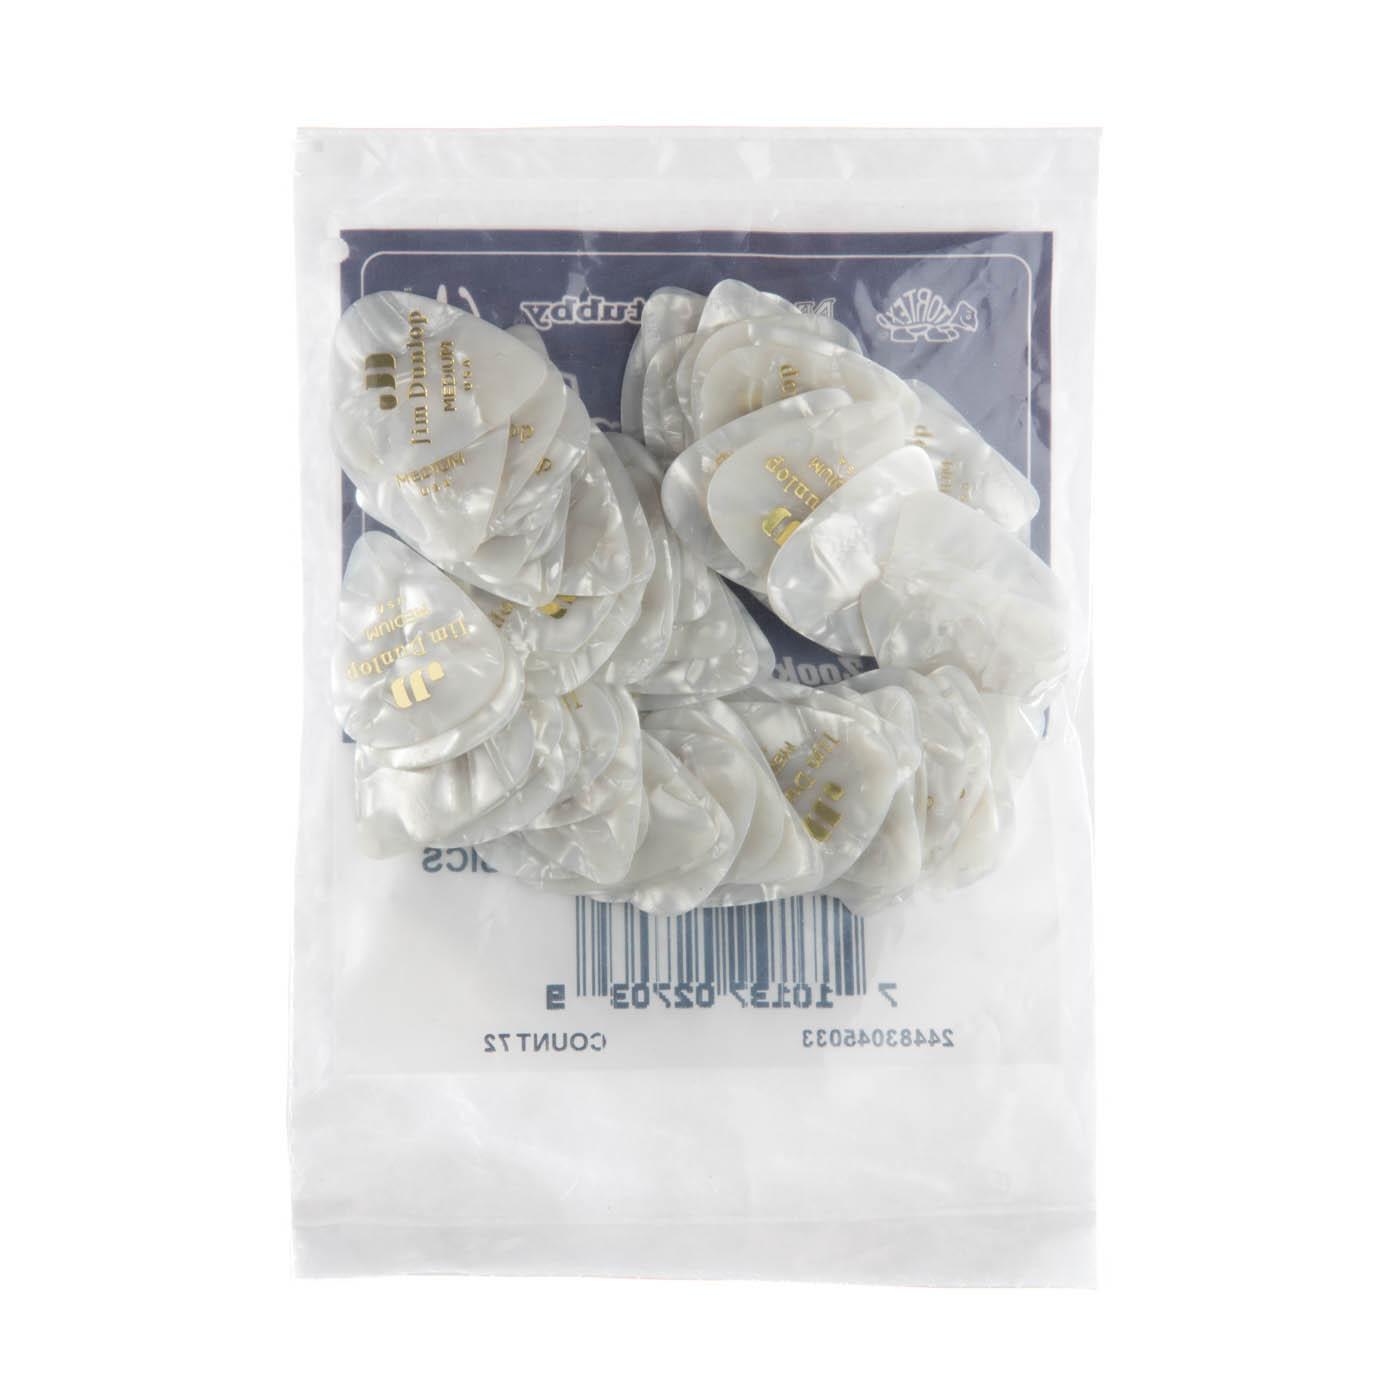 Dunlop - White Perloid medium